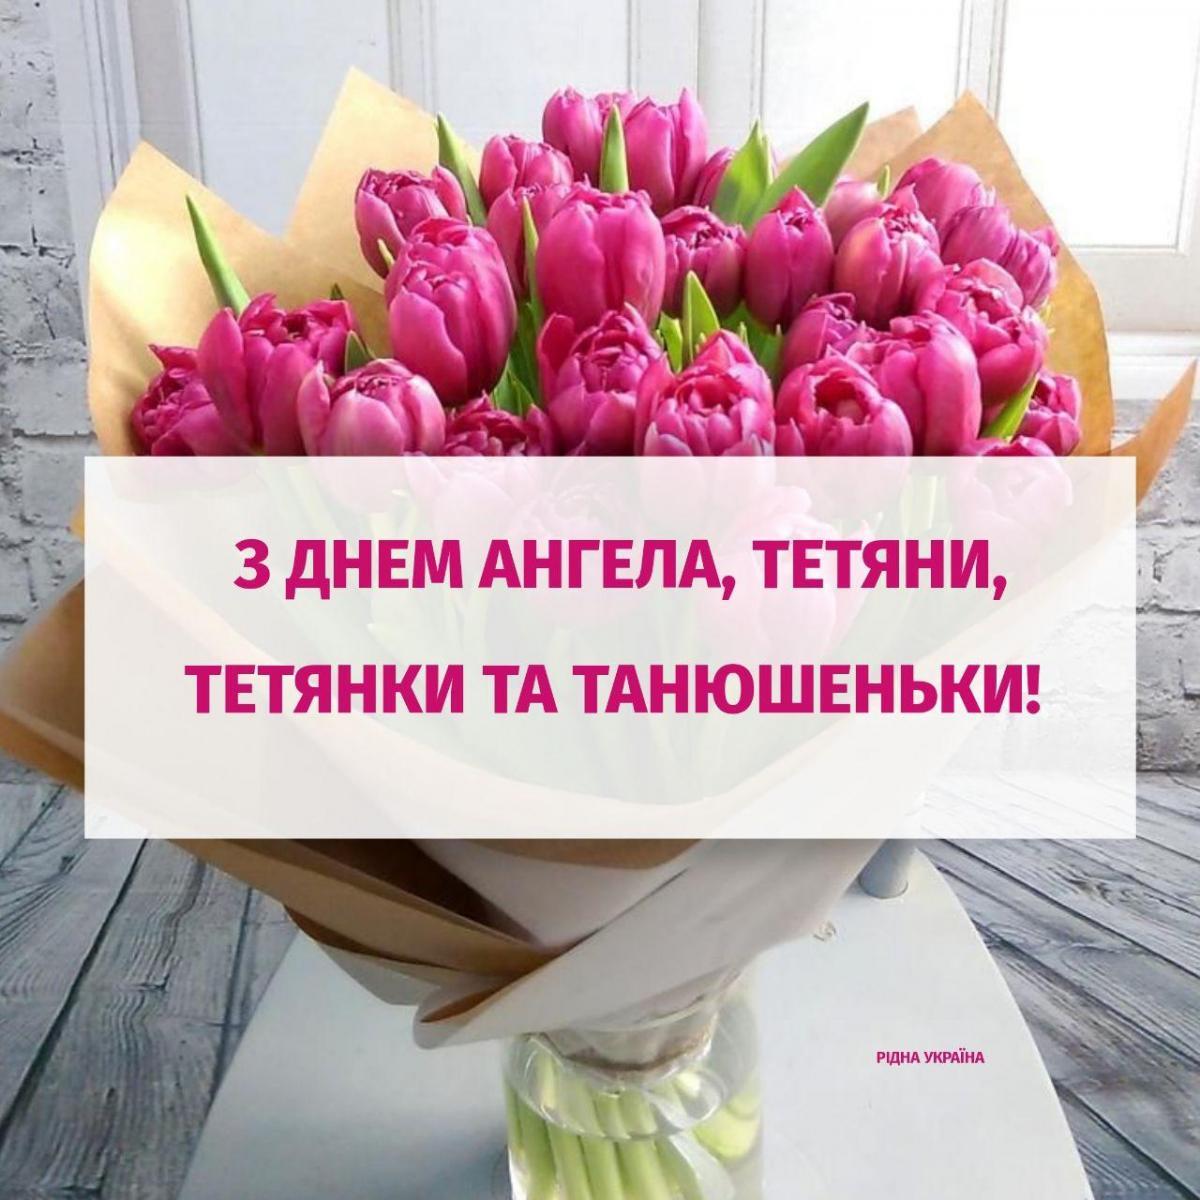 Поздравления с Днем ангела Татьяны / ridna.com.ua